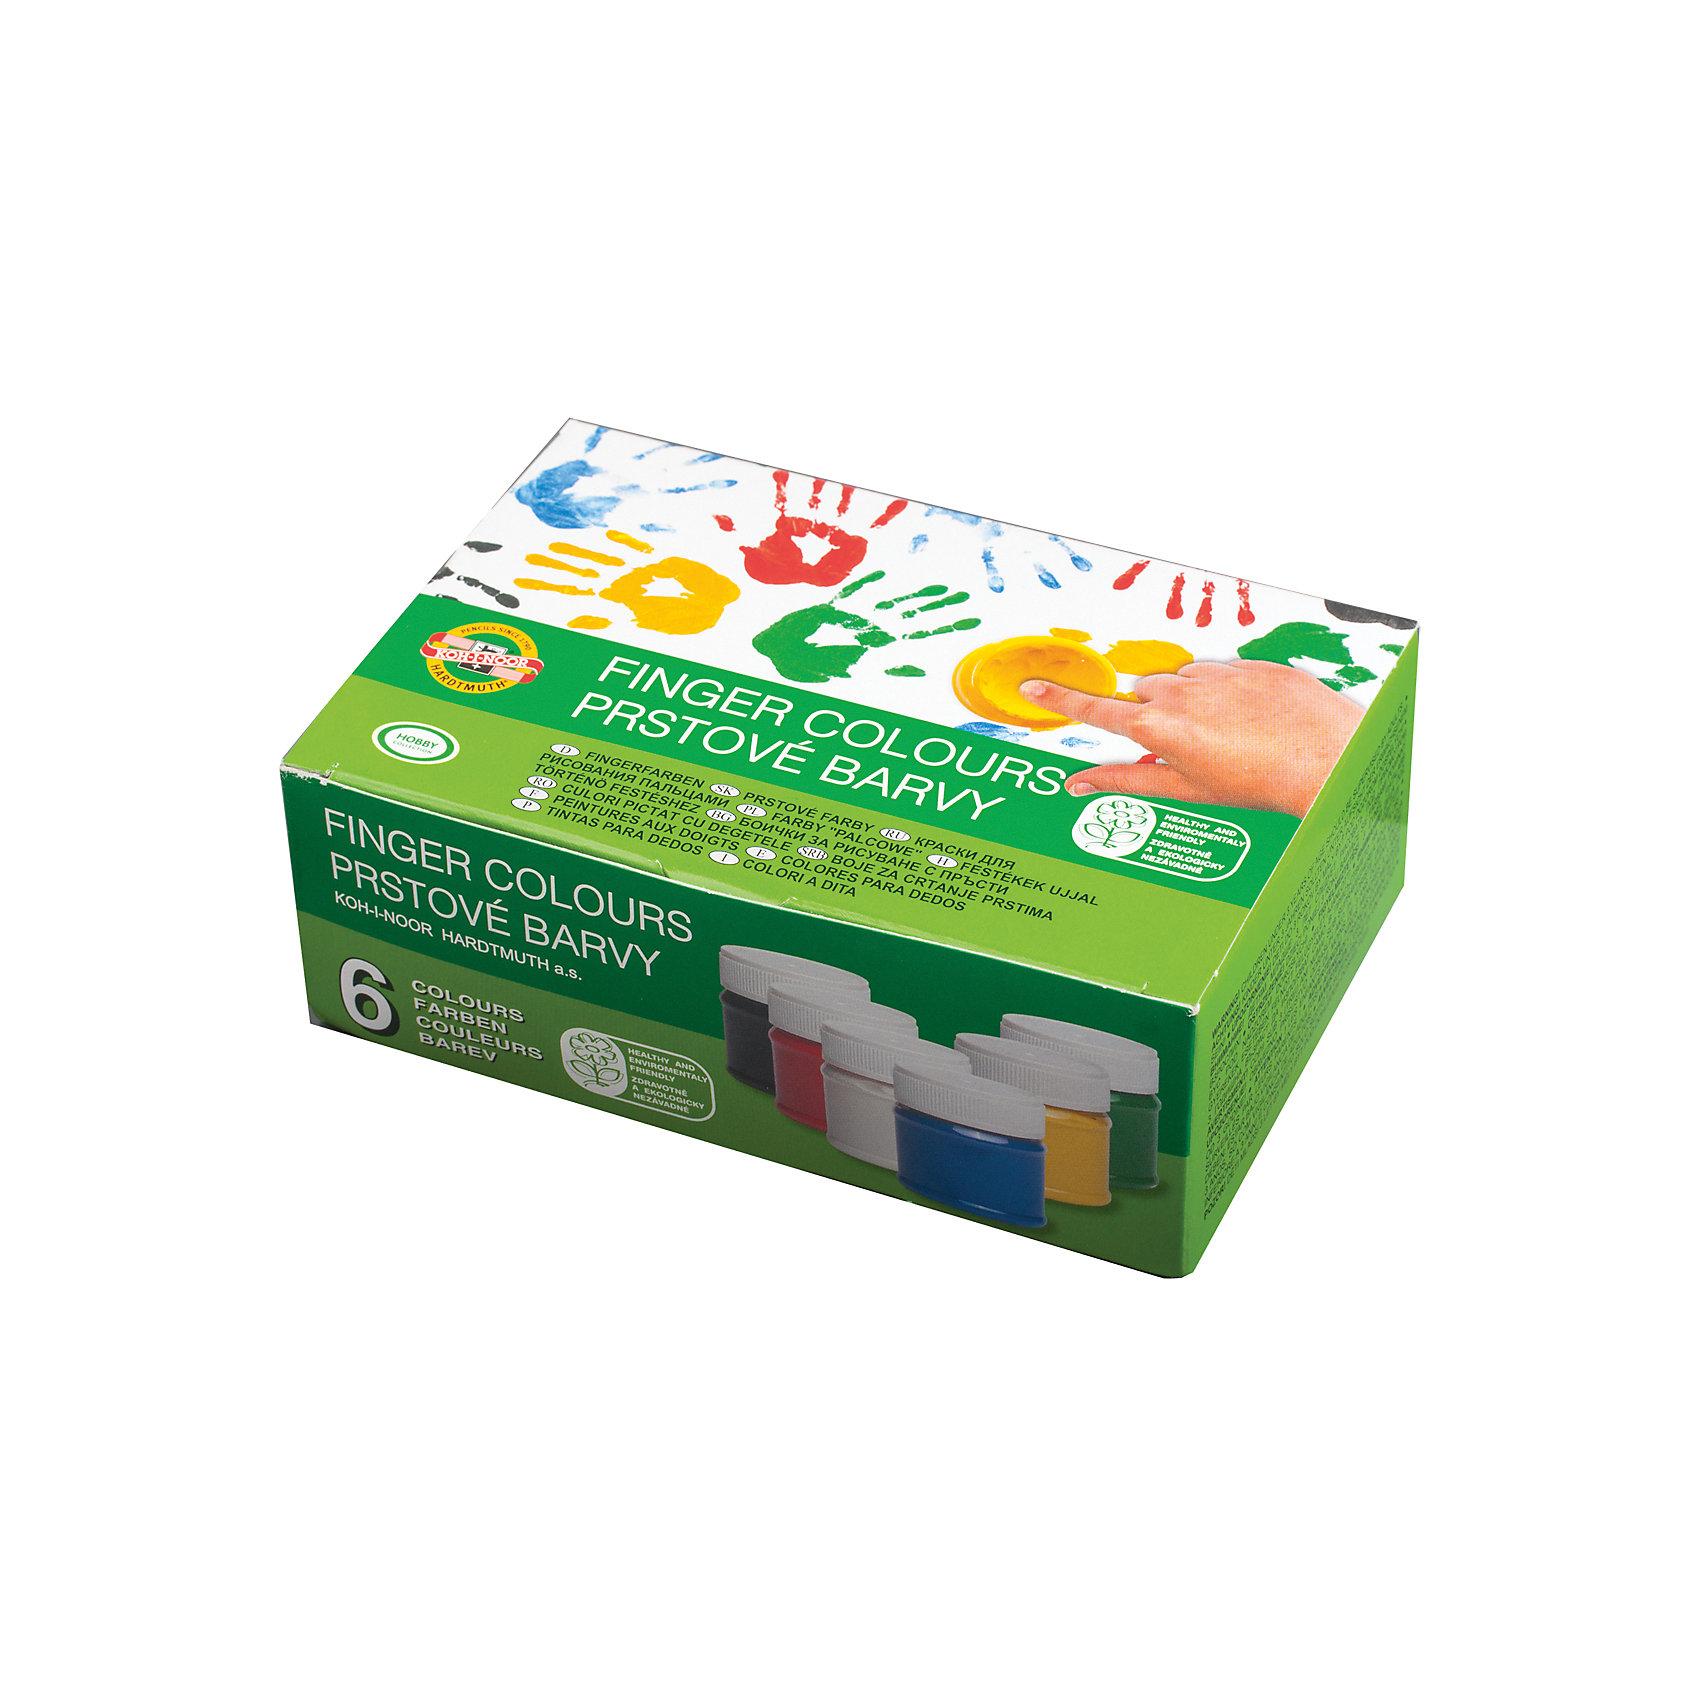 Пальчиковый краски 6 цв., KOH-I-NOORКраски изготовлены на водной основе и безопасны для малыша. Легко смываются со стекла и рук и легко отстирываются от одежды, что не мало важно! Красками можно рисовать на любой поверхности (бумага, стекло, пластмасса, металл).<br><br>Дополнительная информация: <br><br>- Набор - 6 цветов (белый, желтый, красный, синий, зеленый, черный).<br>- Расфасованы в баночки по 50 мл.<br>- Размер упаковки: 10х18х3,6 см.<br>- Вес в упаковке: 400  г.<br><br>Пальчиковые краски  KOH-I-NOOR можно купить в нашем магазине.<br><br>Ширина мм: 100<br>Глубина мм: 180<br>Высота мм: 36<br>Вес г: 400<br>Возраст от месяцев: 72<br>Возраст до месяцев: 2147483647<br>Пол: Унисекс<br>Возраст: Детский<br>SKU: 4792688